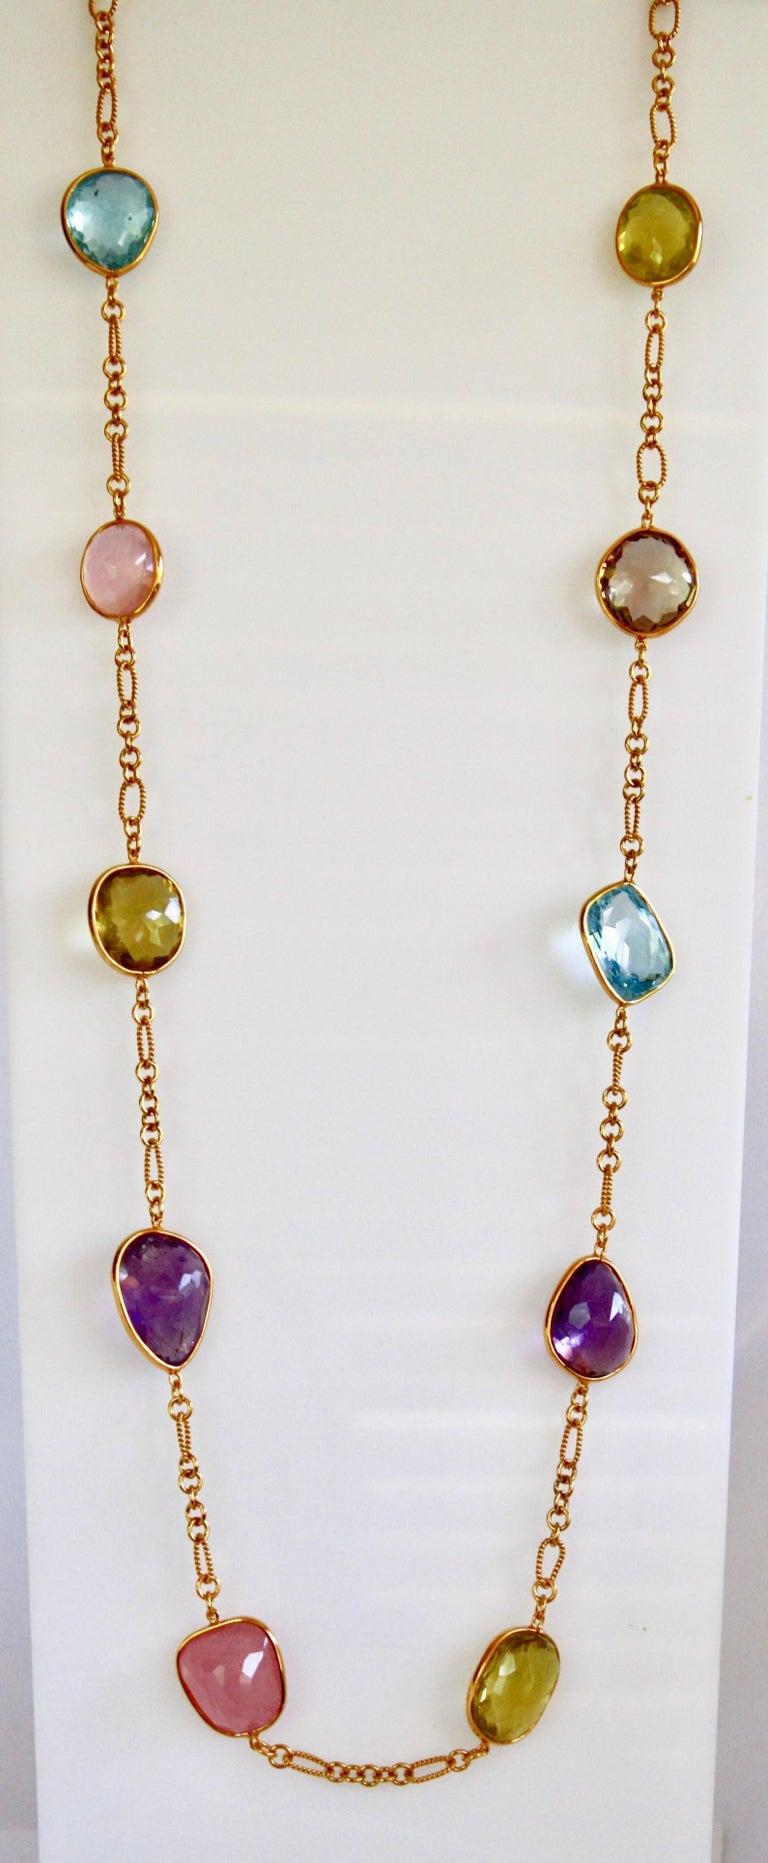 One of a kind Jarin K aquamarine, lemon quartz, smoky quartz, and pink quartz long necklace.